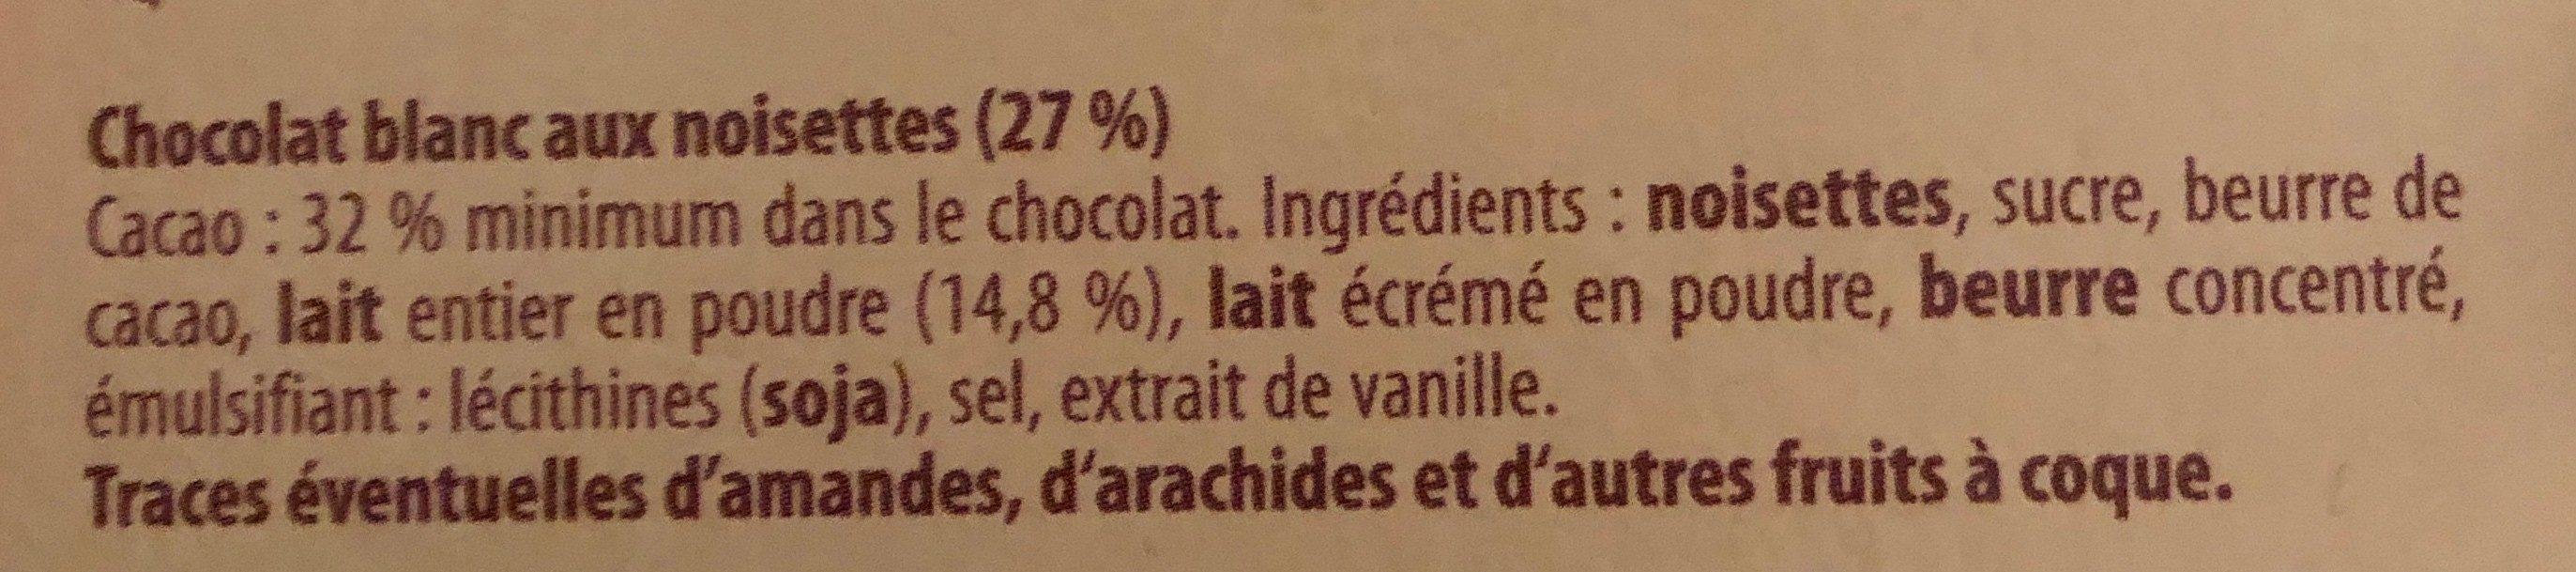 Chocolat Raffiné Blanc Noisettes - Ingrédients - fr